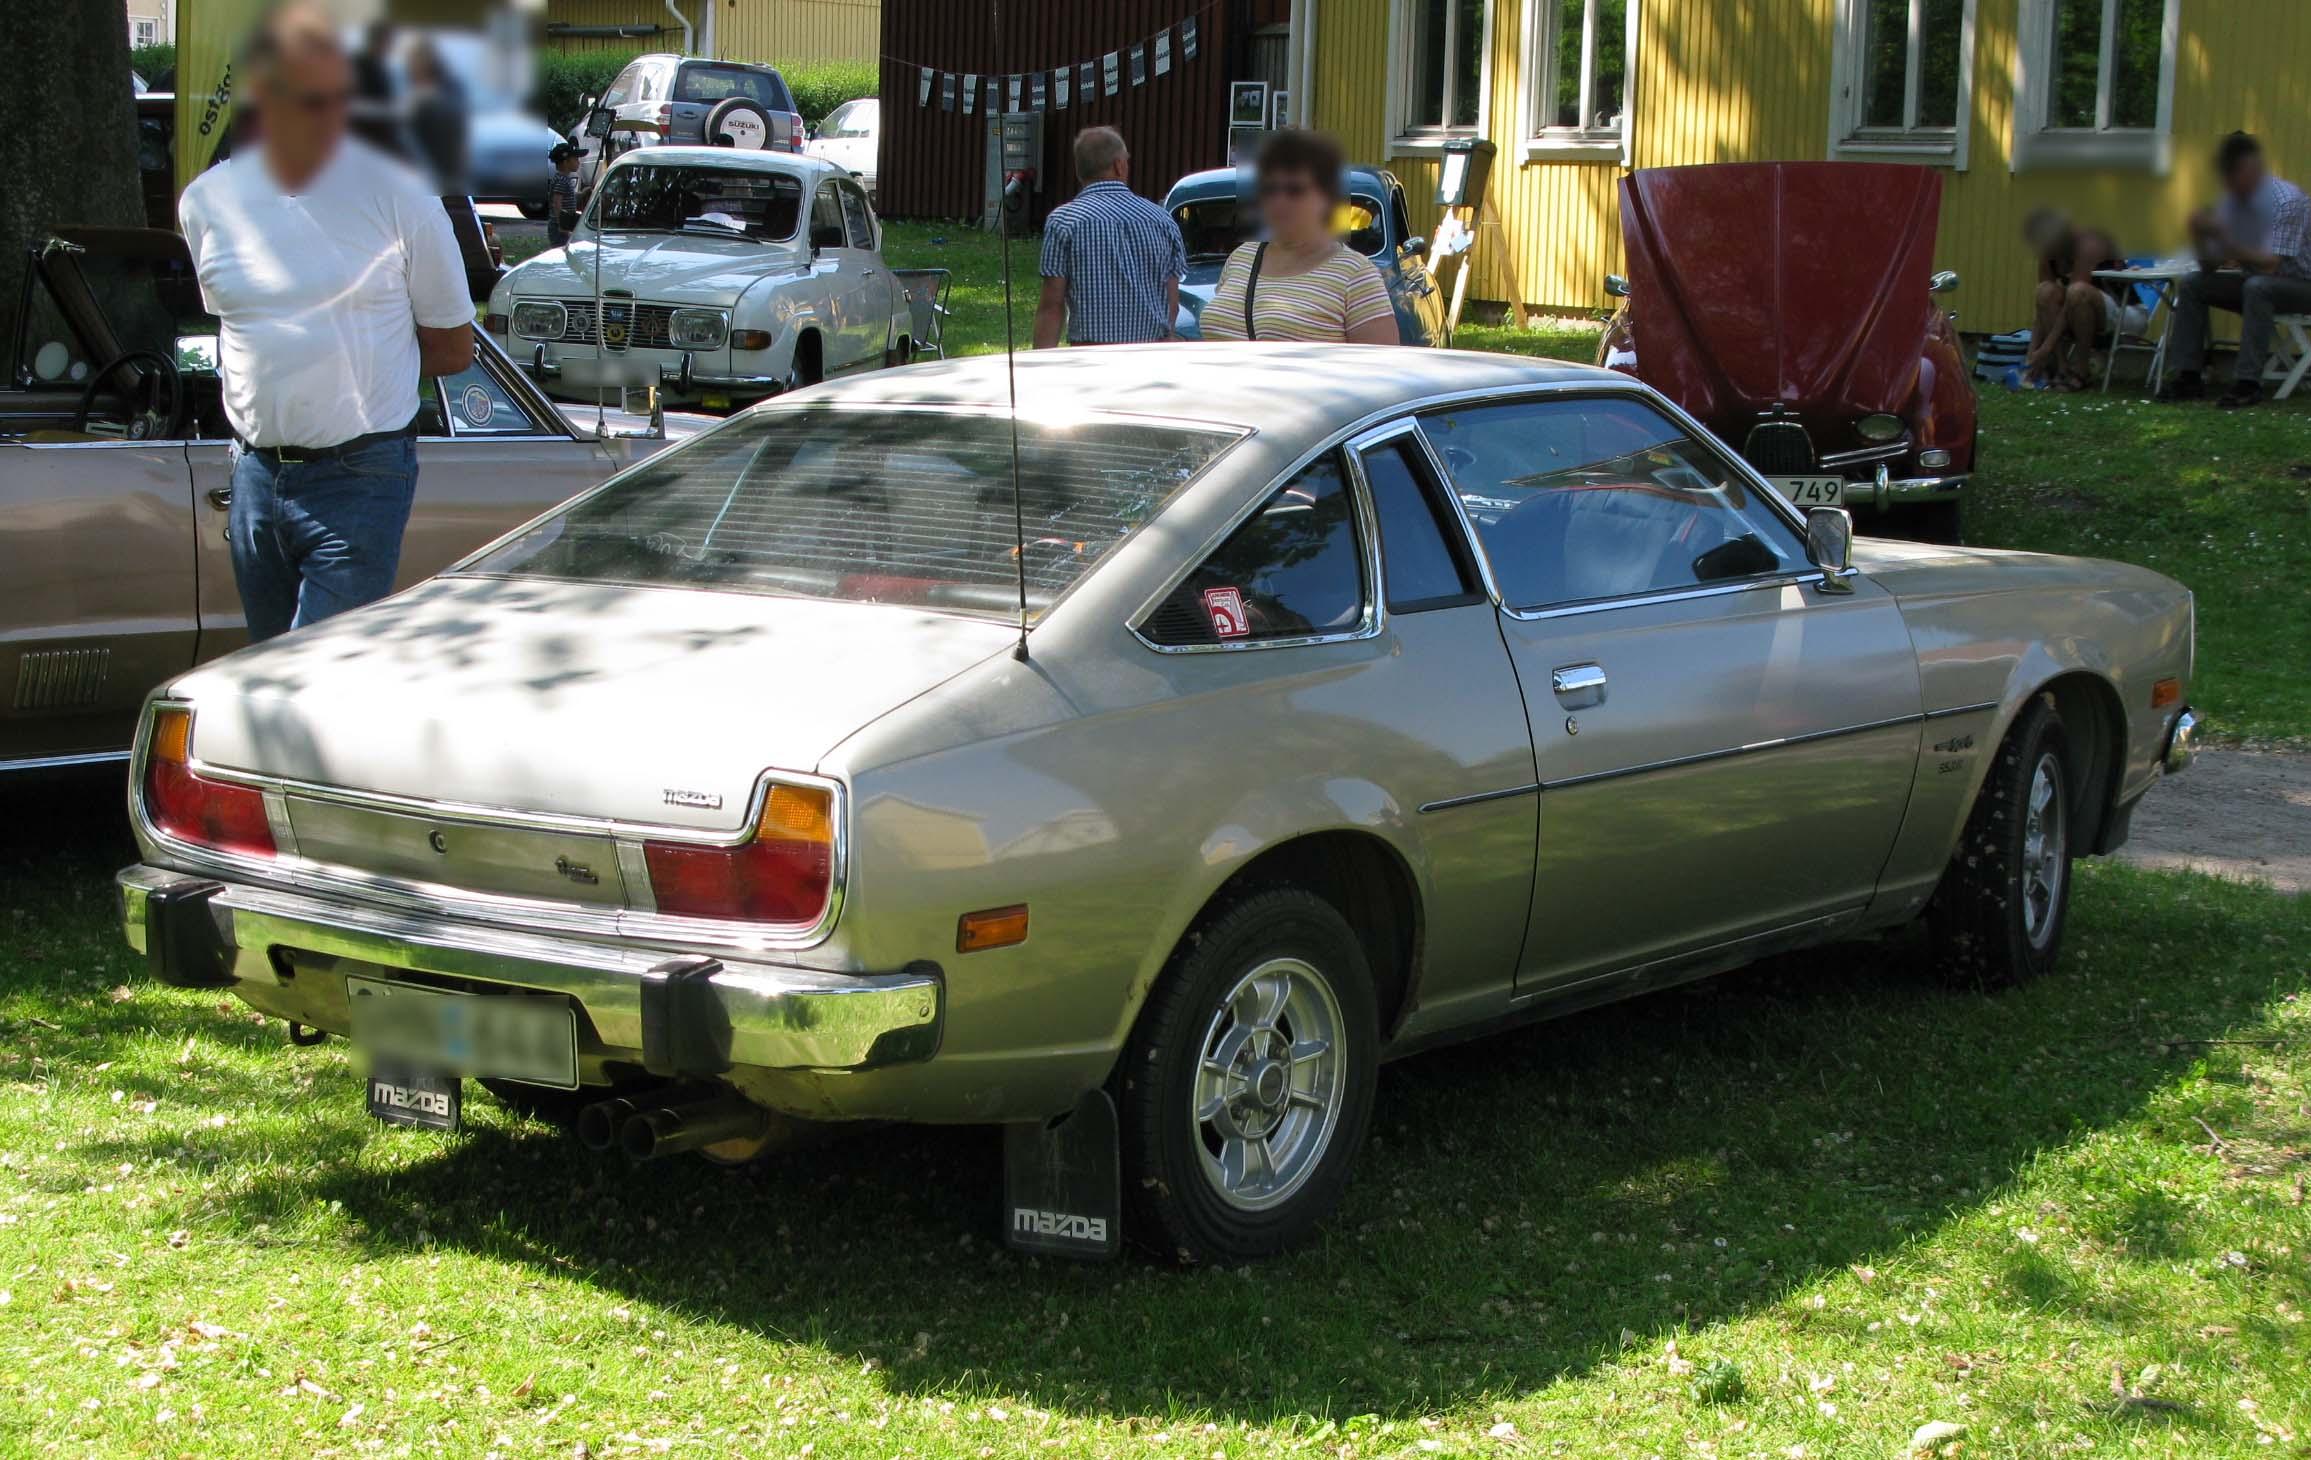 file:1977 mazda rx-5 rear right - wikimedia commons